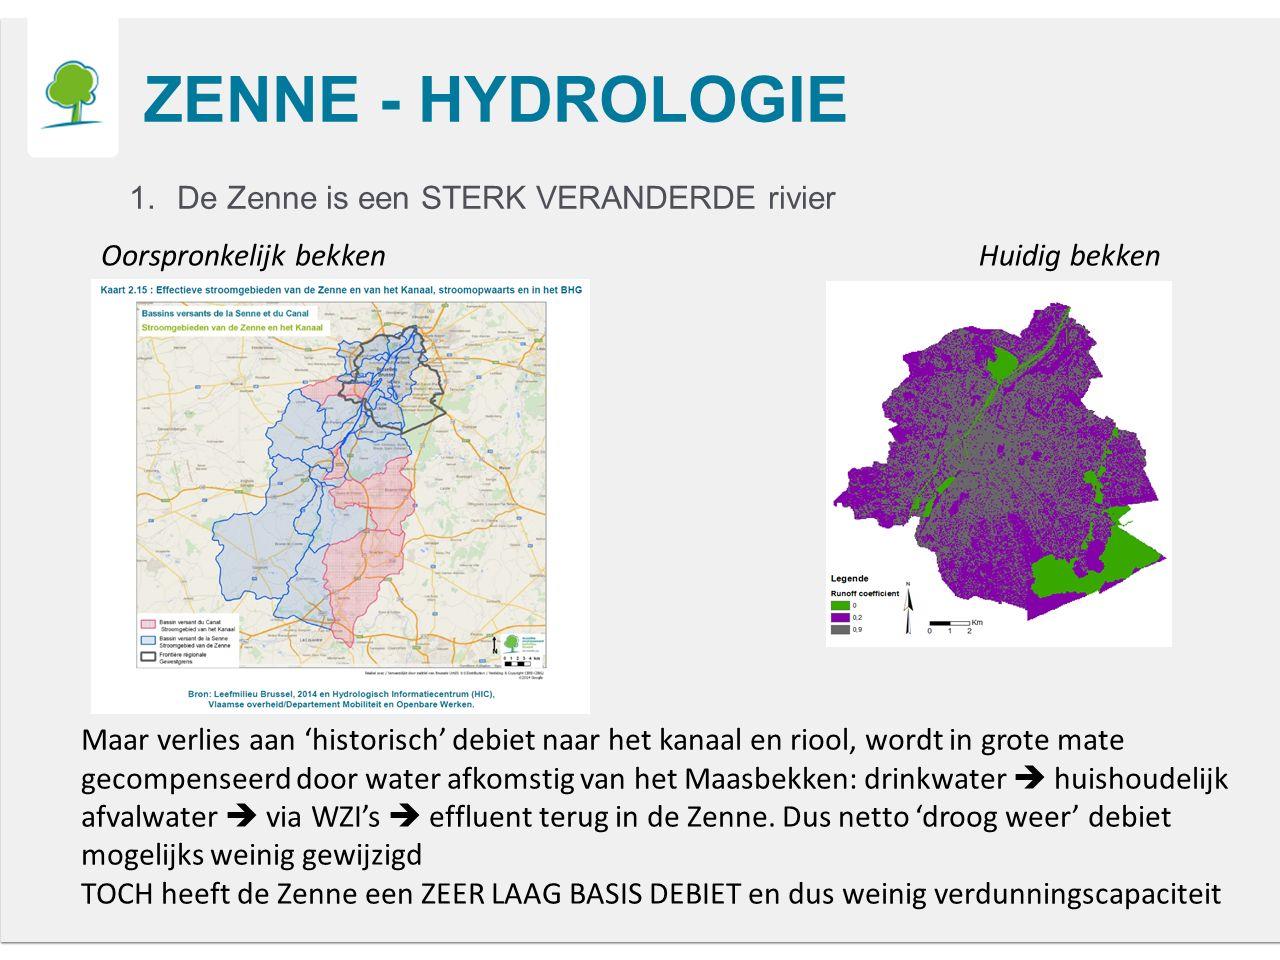 ZENNE - HYDROLOGIE 1.De Zenne is een STERK VERANDERDE rivier Oorspronkelijk bekkenHuidig bekken Maar verlies aan 'historisch' debiet naar het kanaal en riool, wordt in grote mate gecompenseerd door water afkomstig van het Maasbekken: drinkwater  huishoudelijk afvalwater  via WZI's  effluent terug in de Zenne.